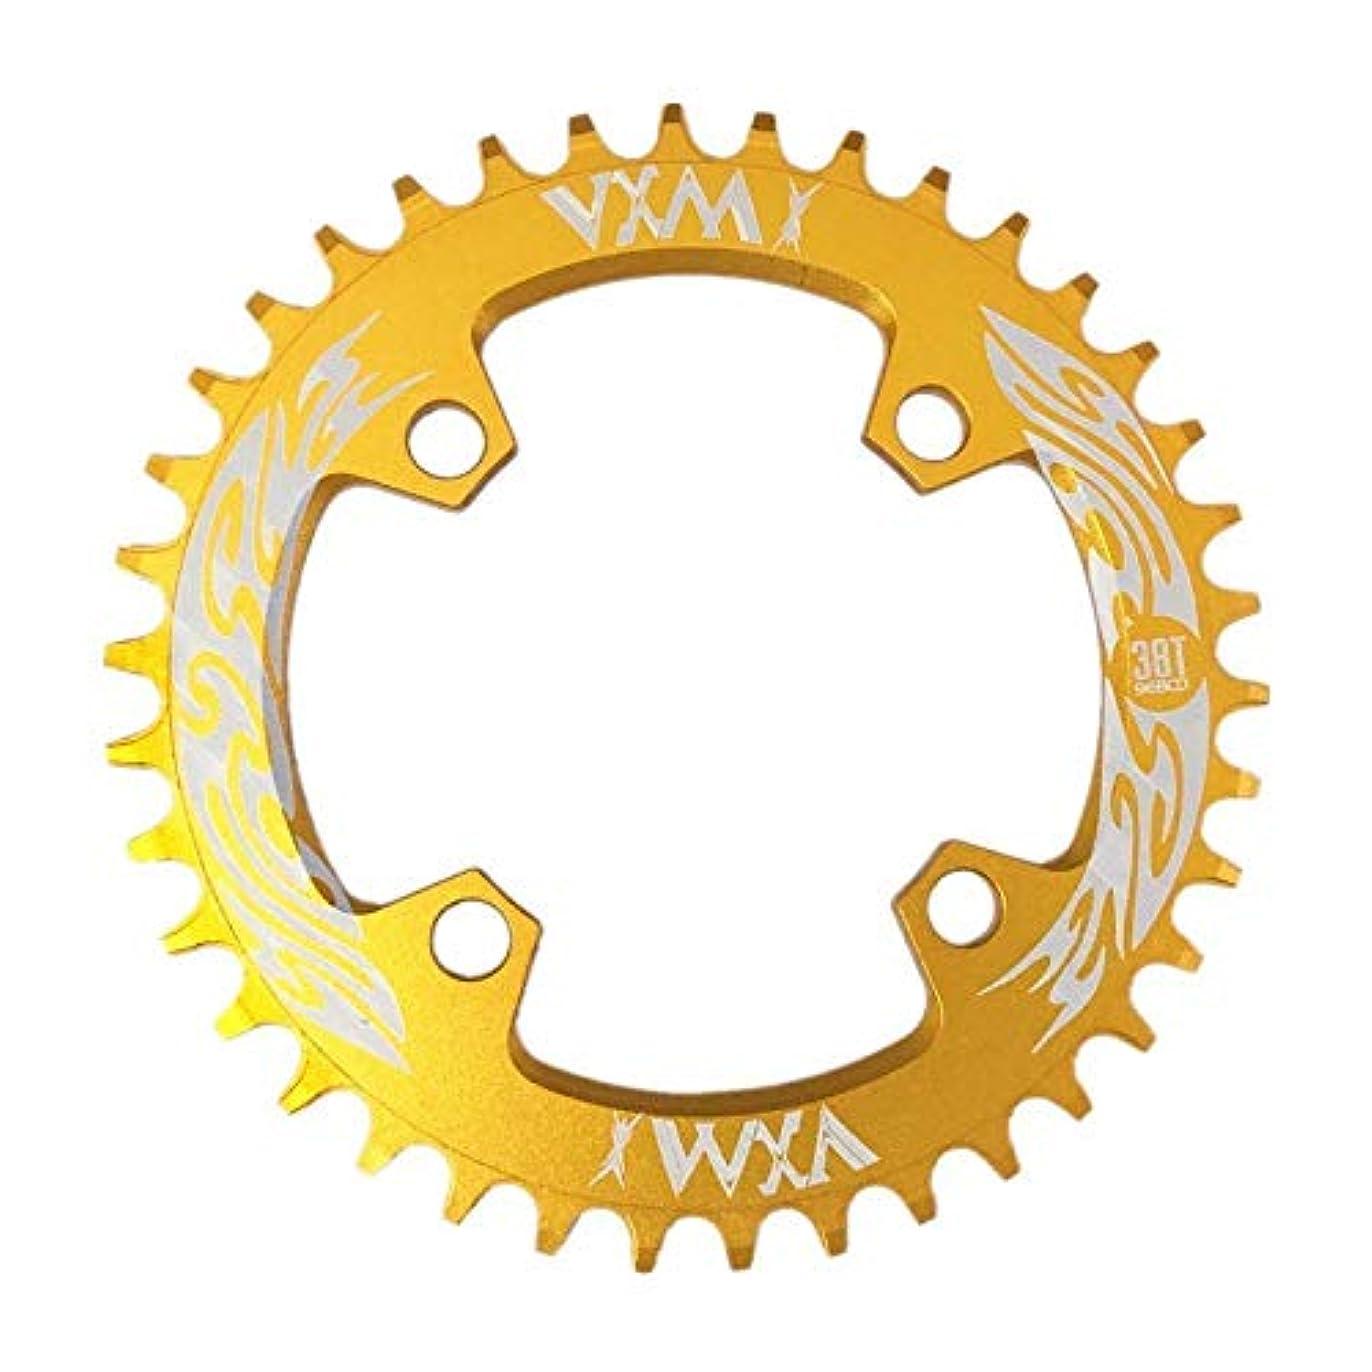 略奪平行講堂Propenary - Bicycle Crank & Chainwheel 96BCD 38T Ultralight Alloy Bike Bicycle Narrow Wide Chainring Round Chainwheel...